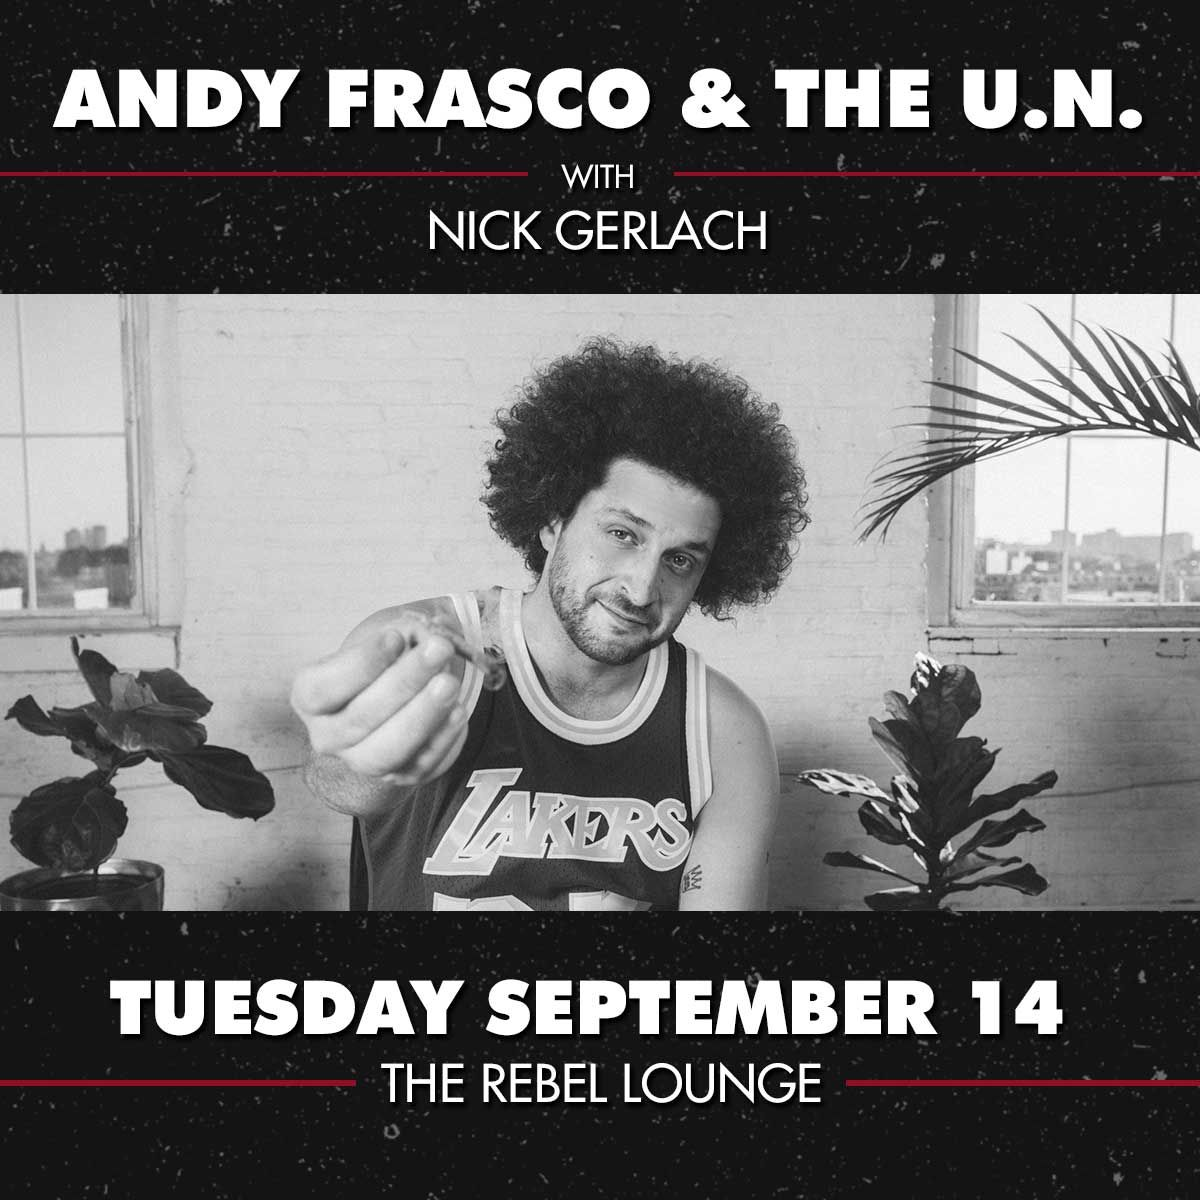 ANDY FRASCO & THE U.N.: